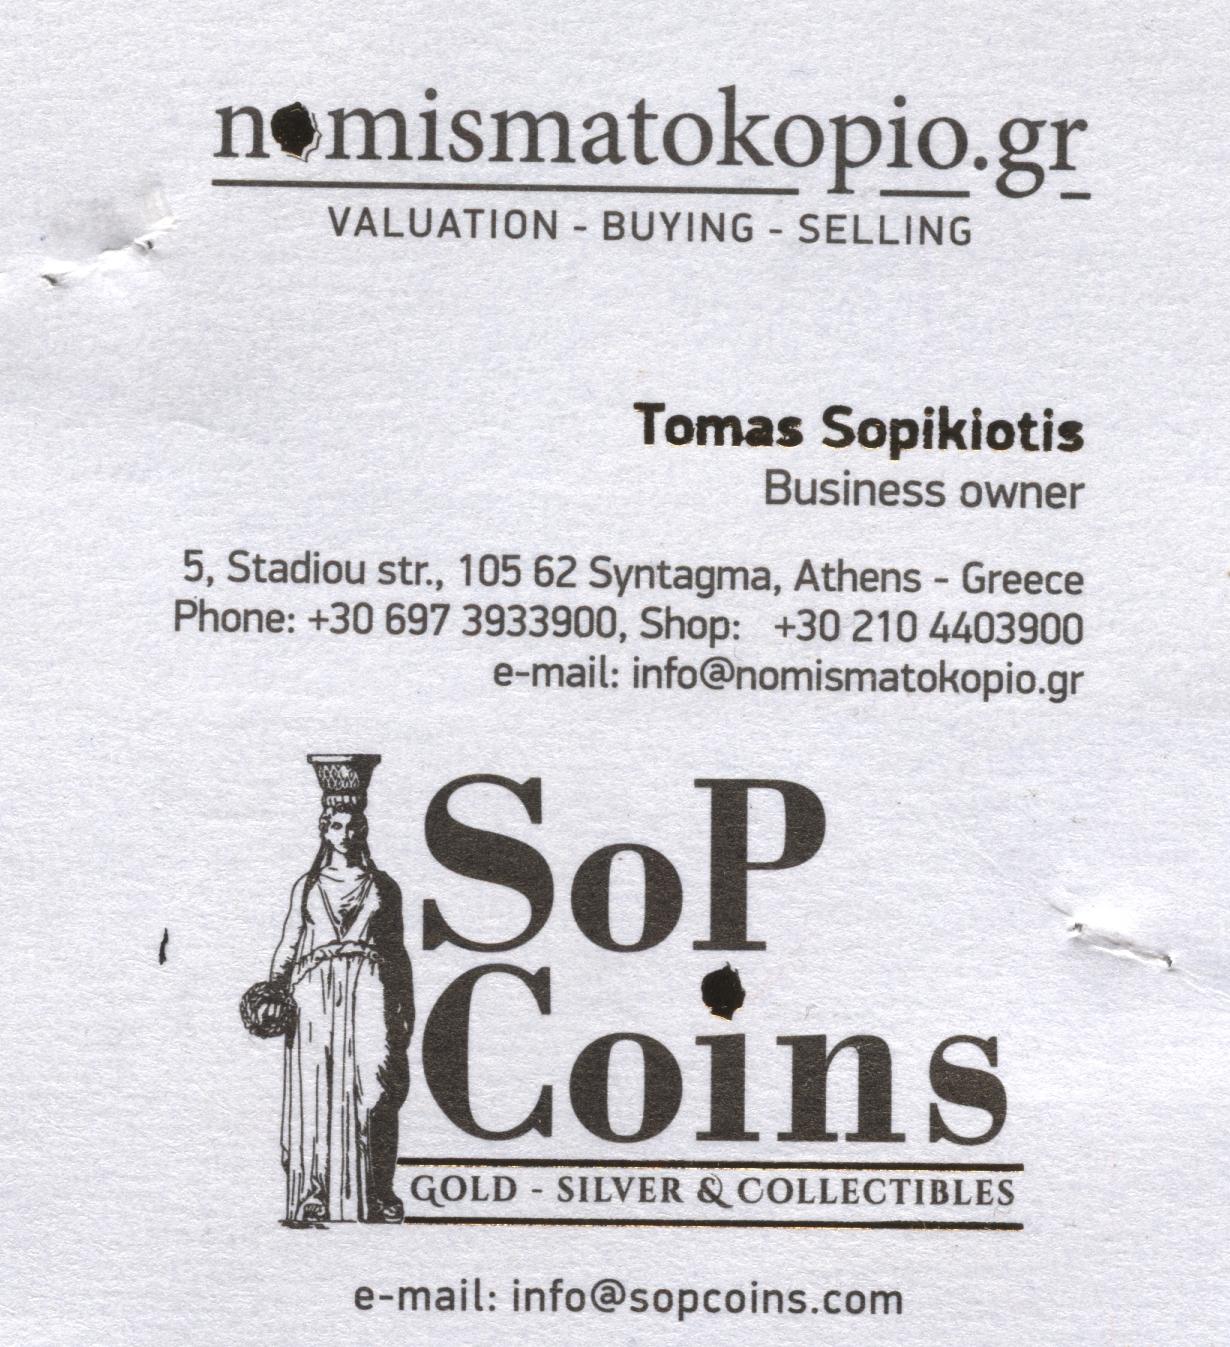 TOMAS SOPIKIOTIS